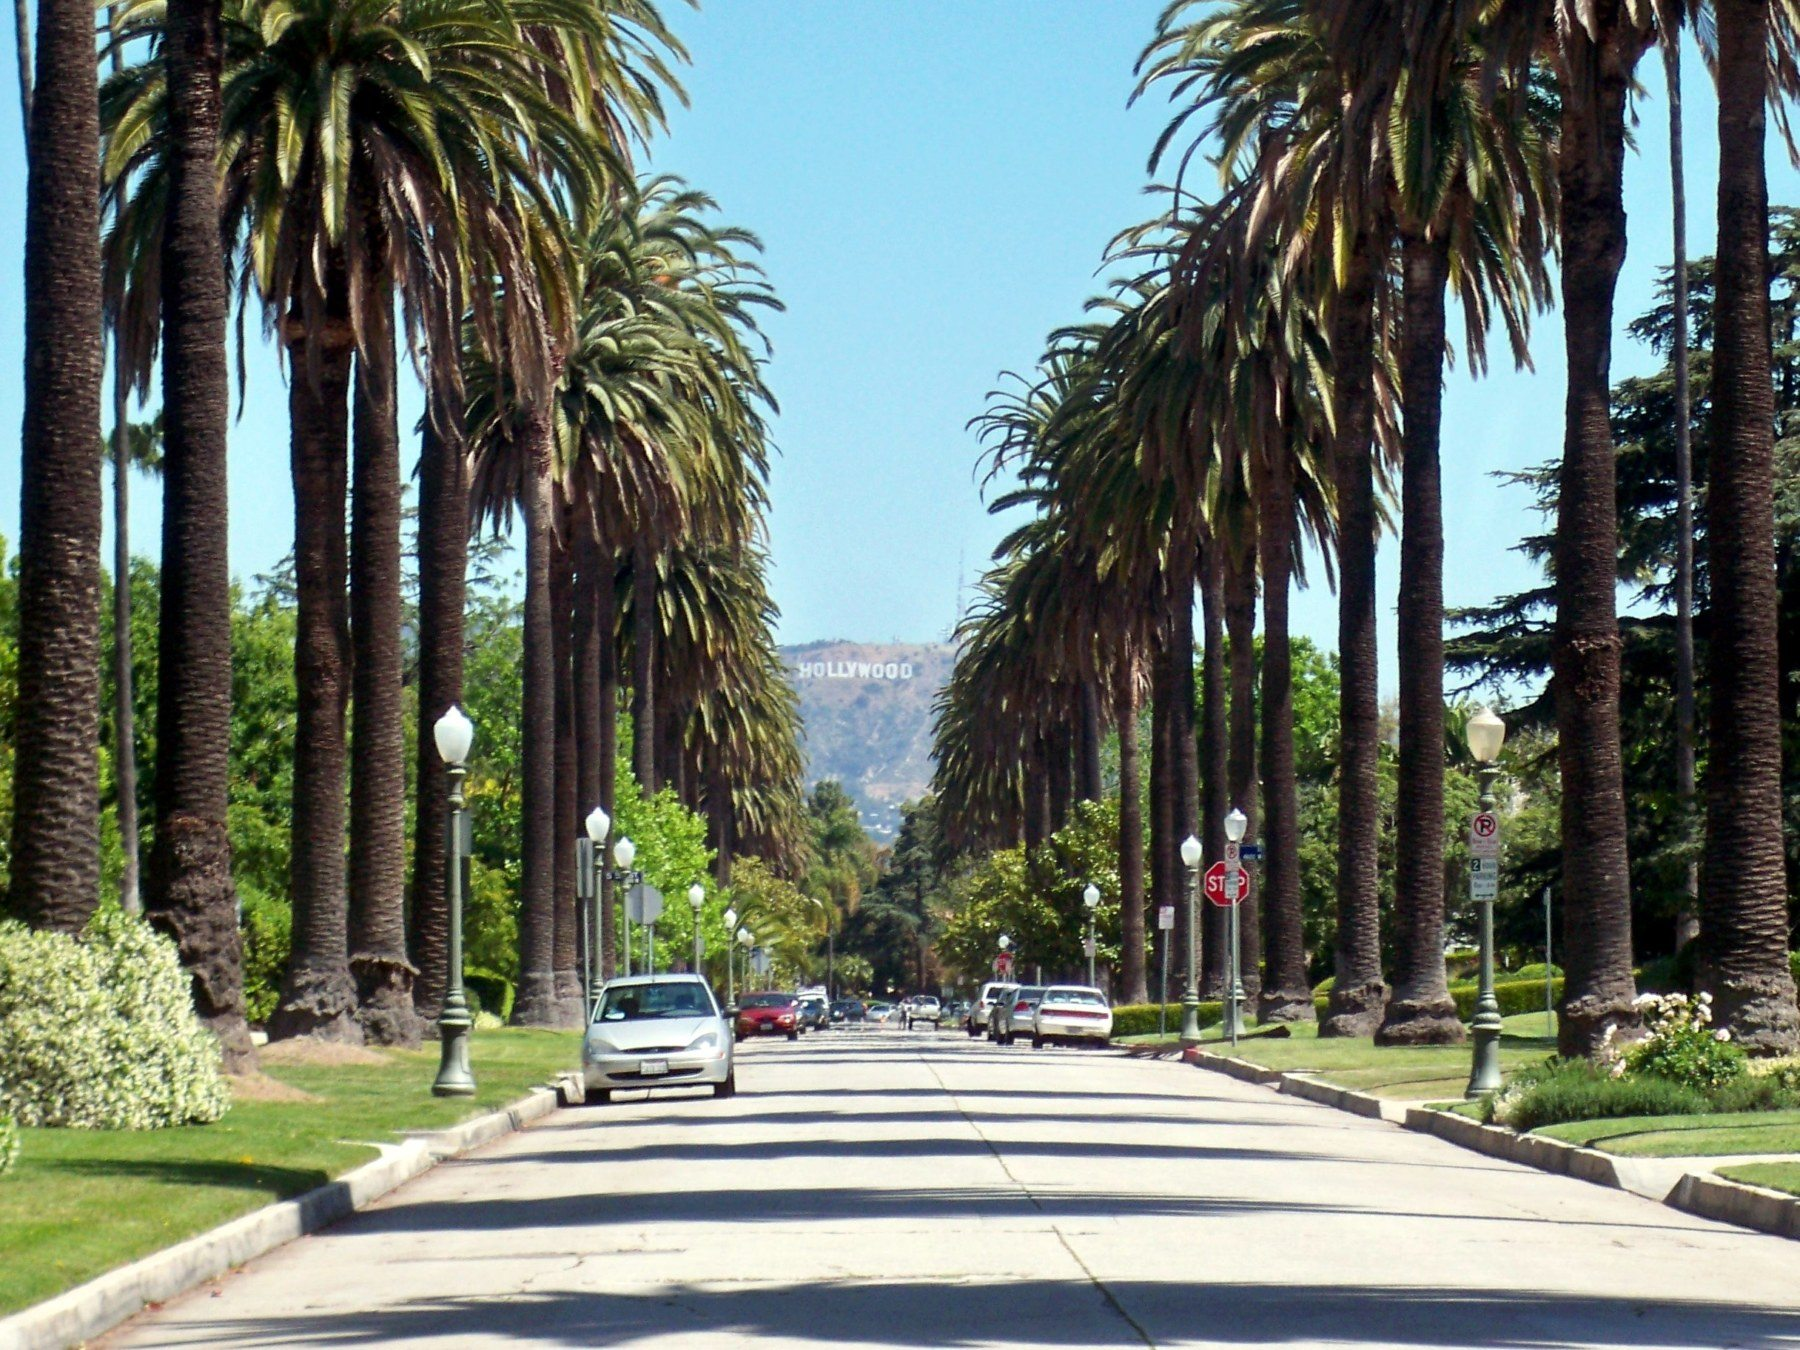 Hancock Park, Los Angeles